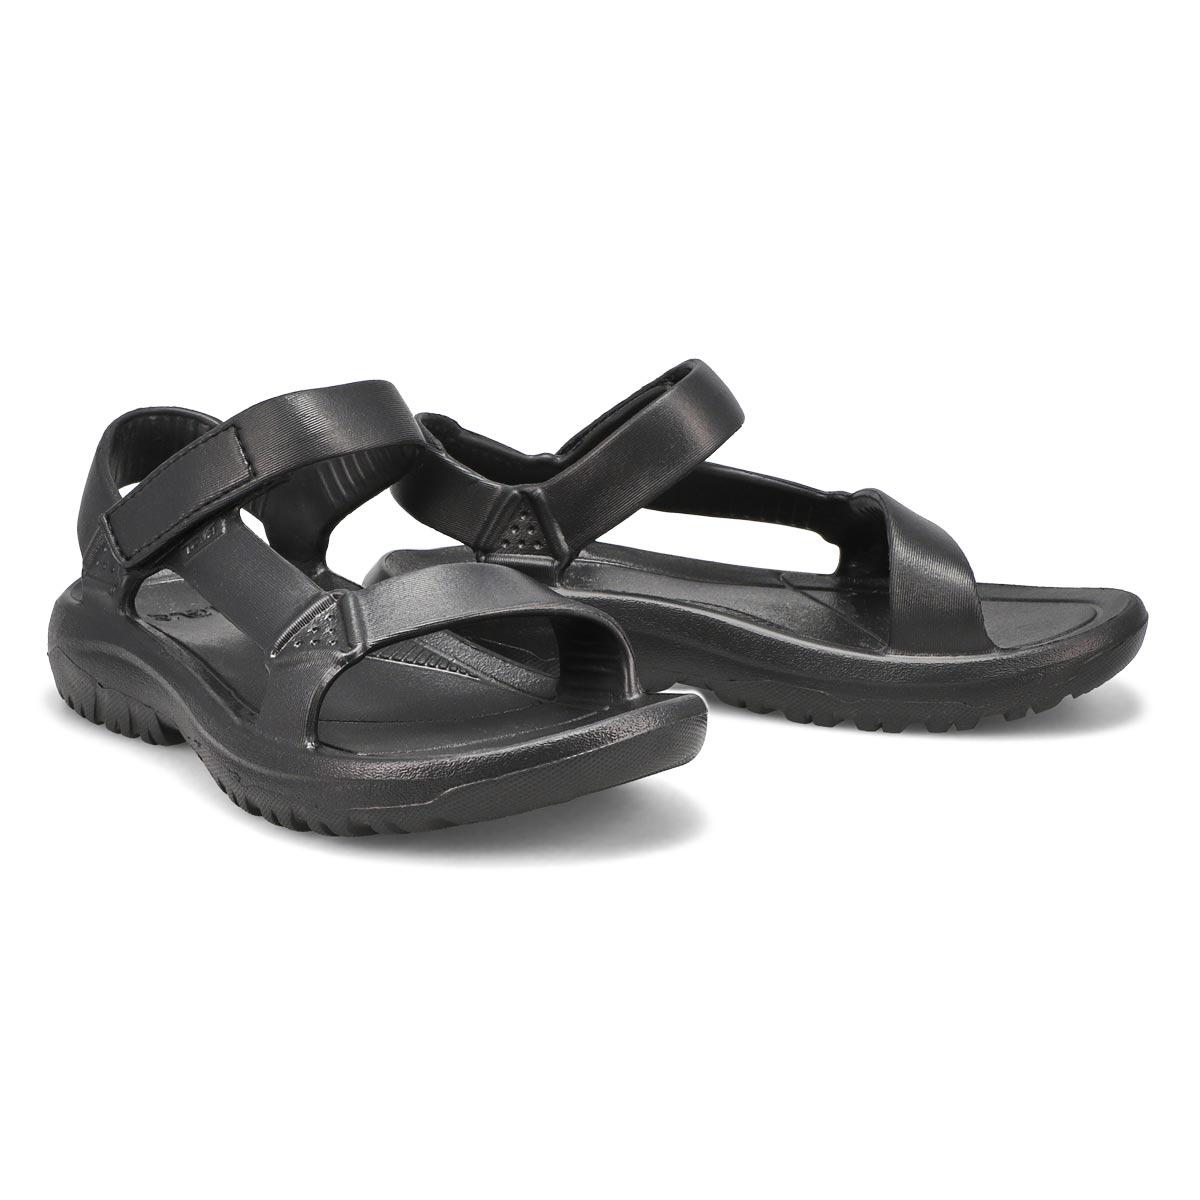 Lds Hurricane Drift blk sport sandal